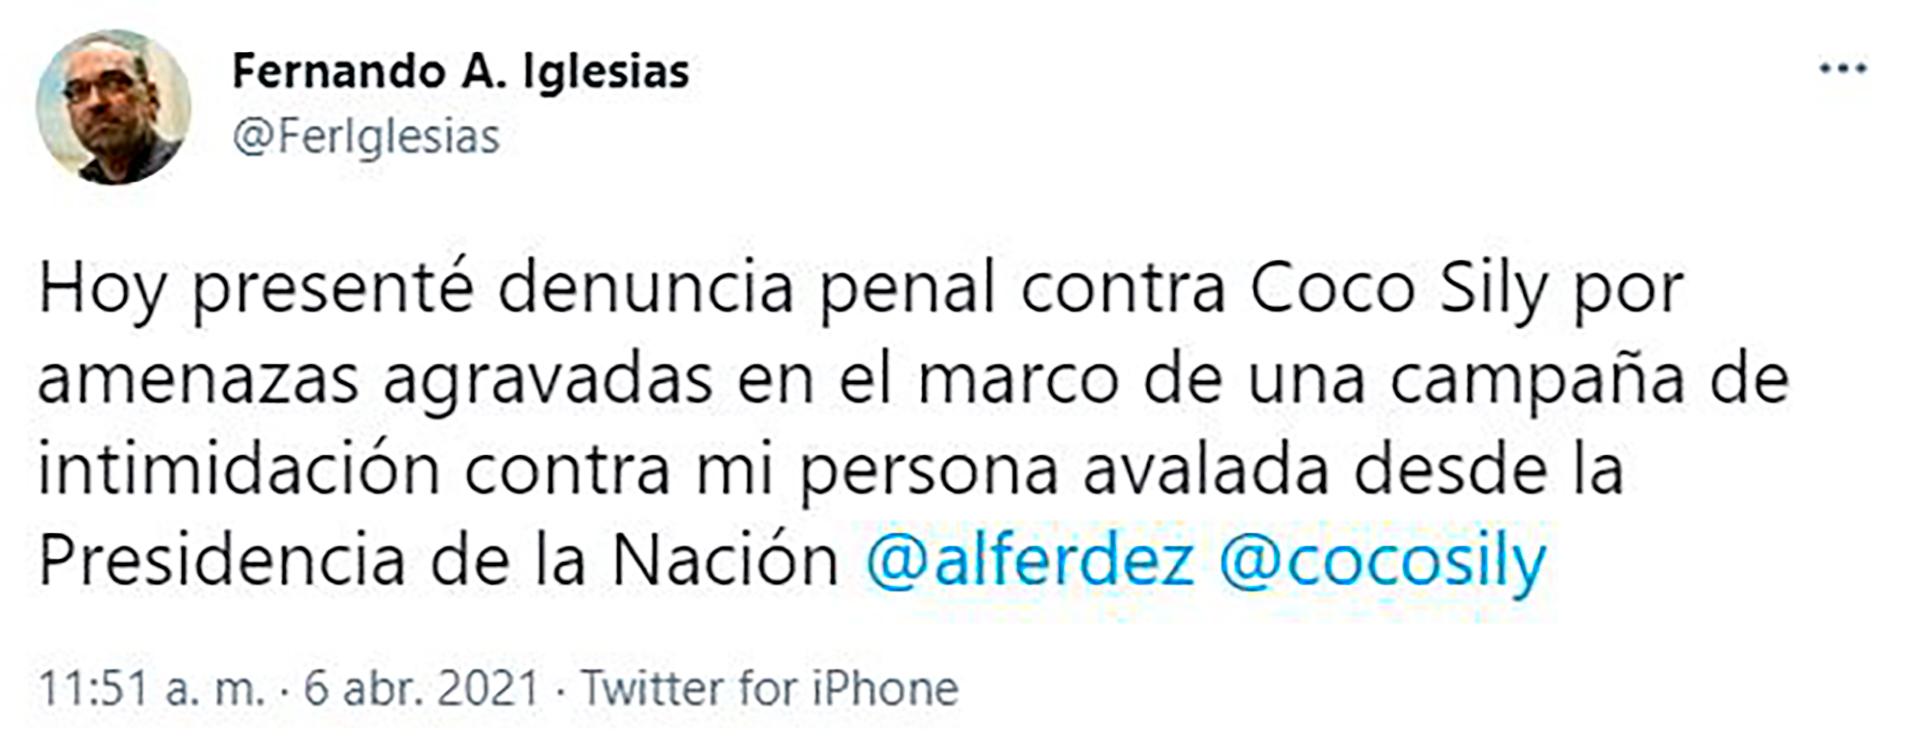 Fernando Iglesias anunció su denuncia contra Coco Sily por amenazas agravadas en Twitter